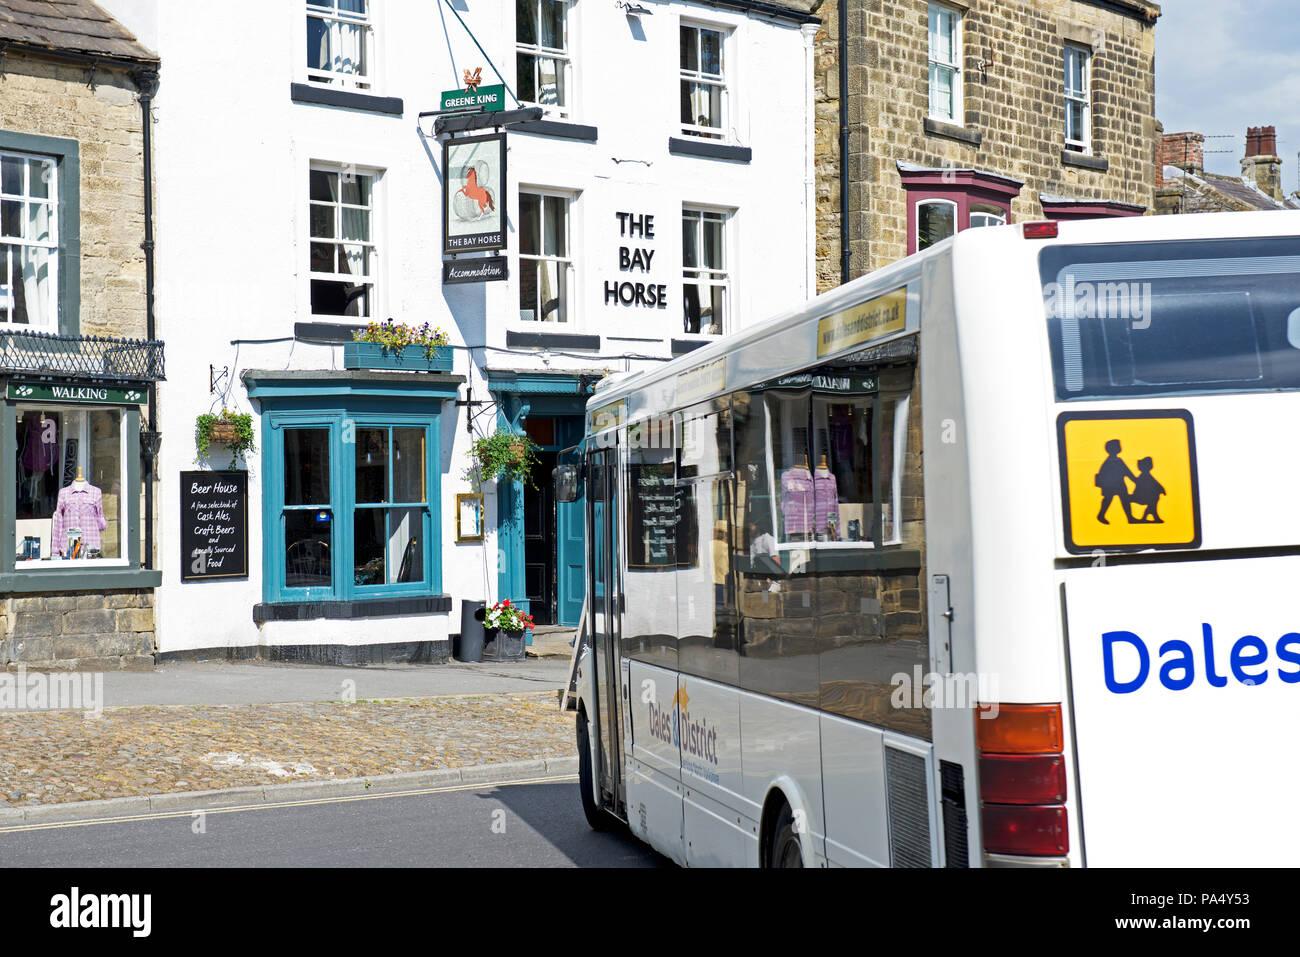 Bus passing the Bay Horse pub, Masham, North Yorkshire, England UK - Stock Image